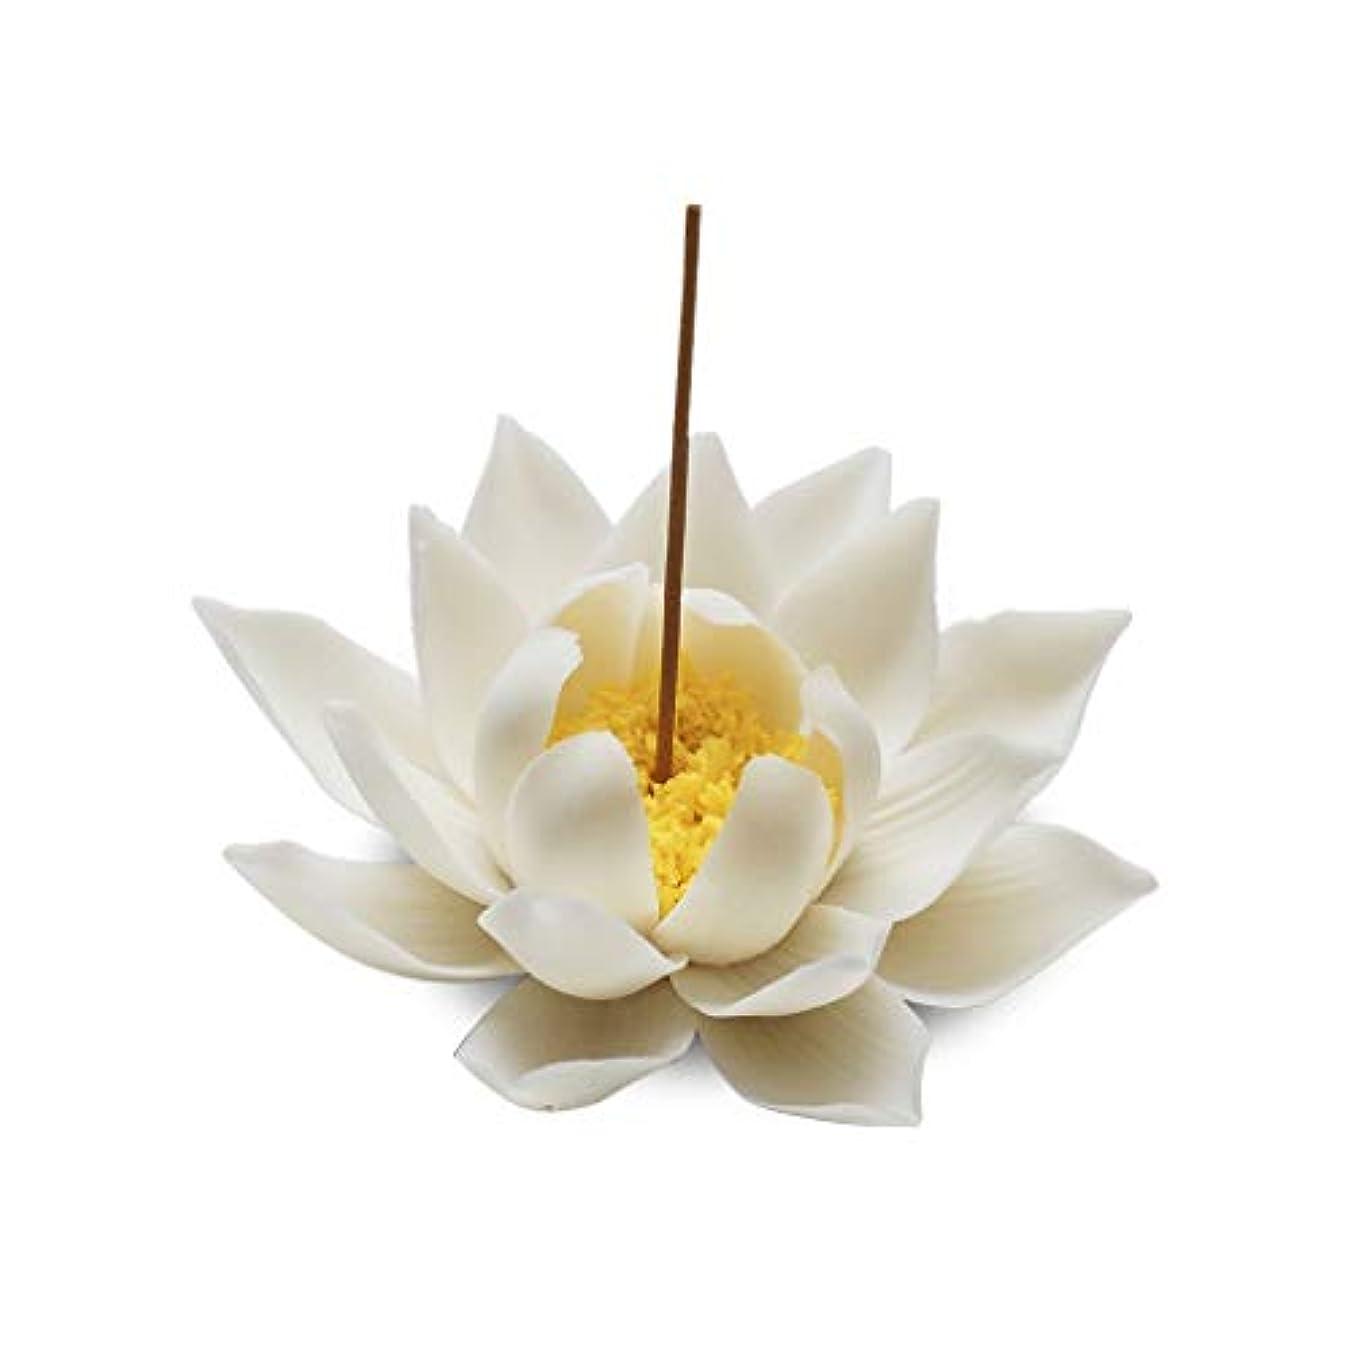 死ぬ口行うセラミック蓮香バーナー家の装飾香スティックホルダー仏教アロマセラピー香炉ホームオフィス用 (Color : A)